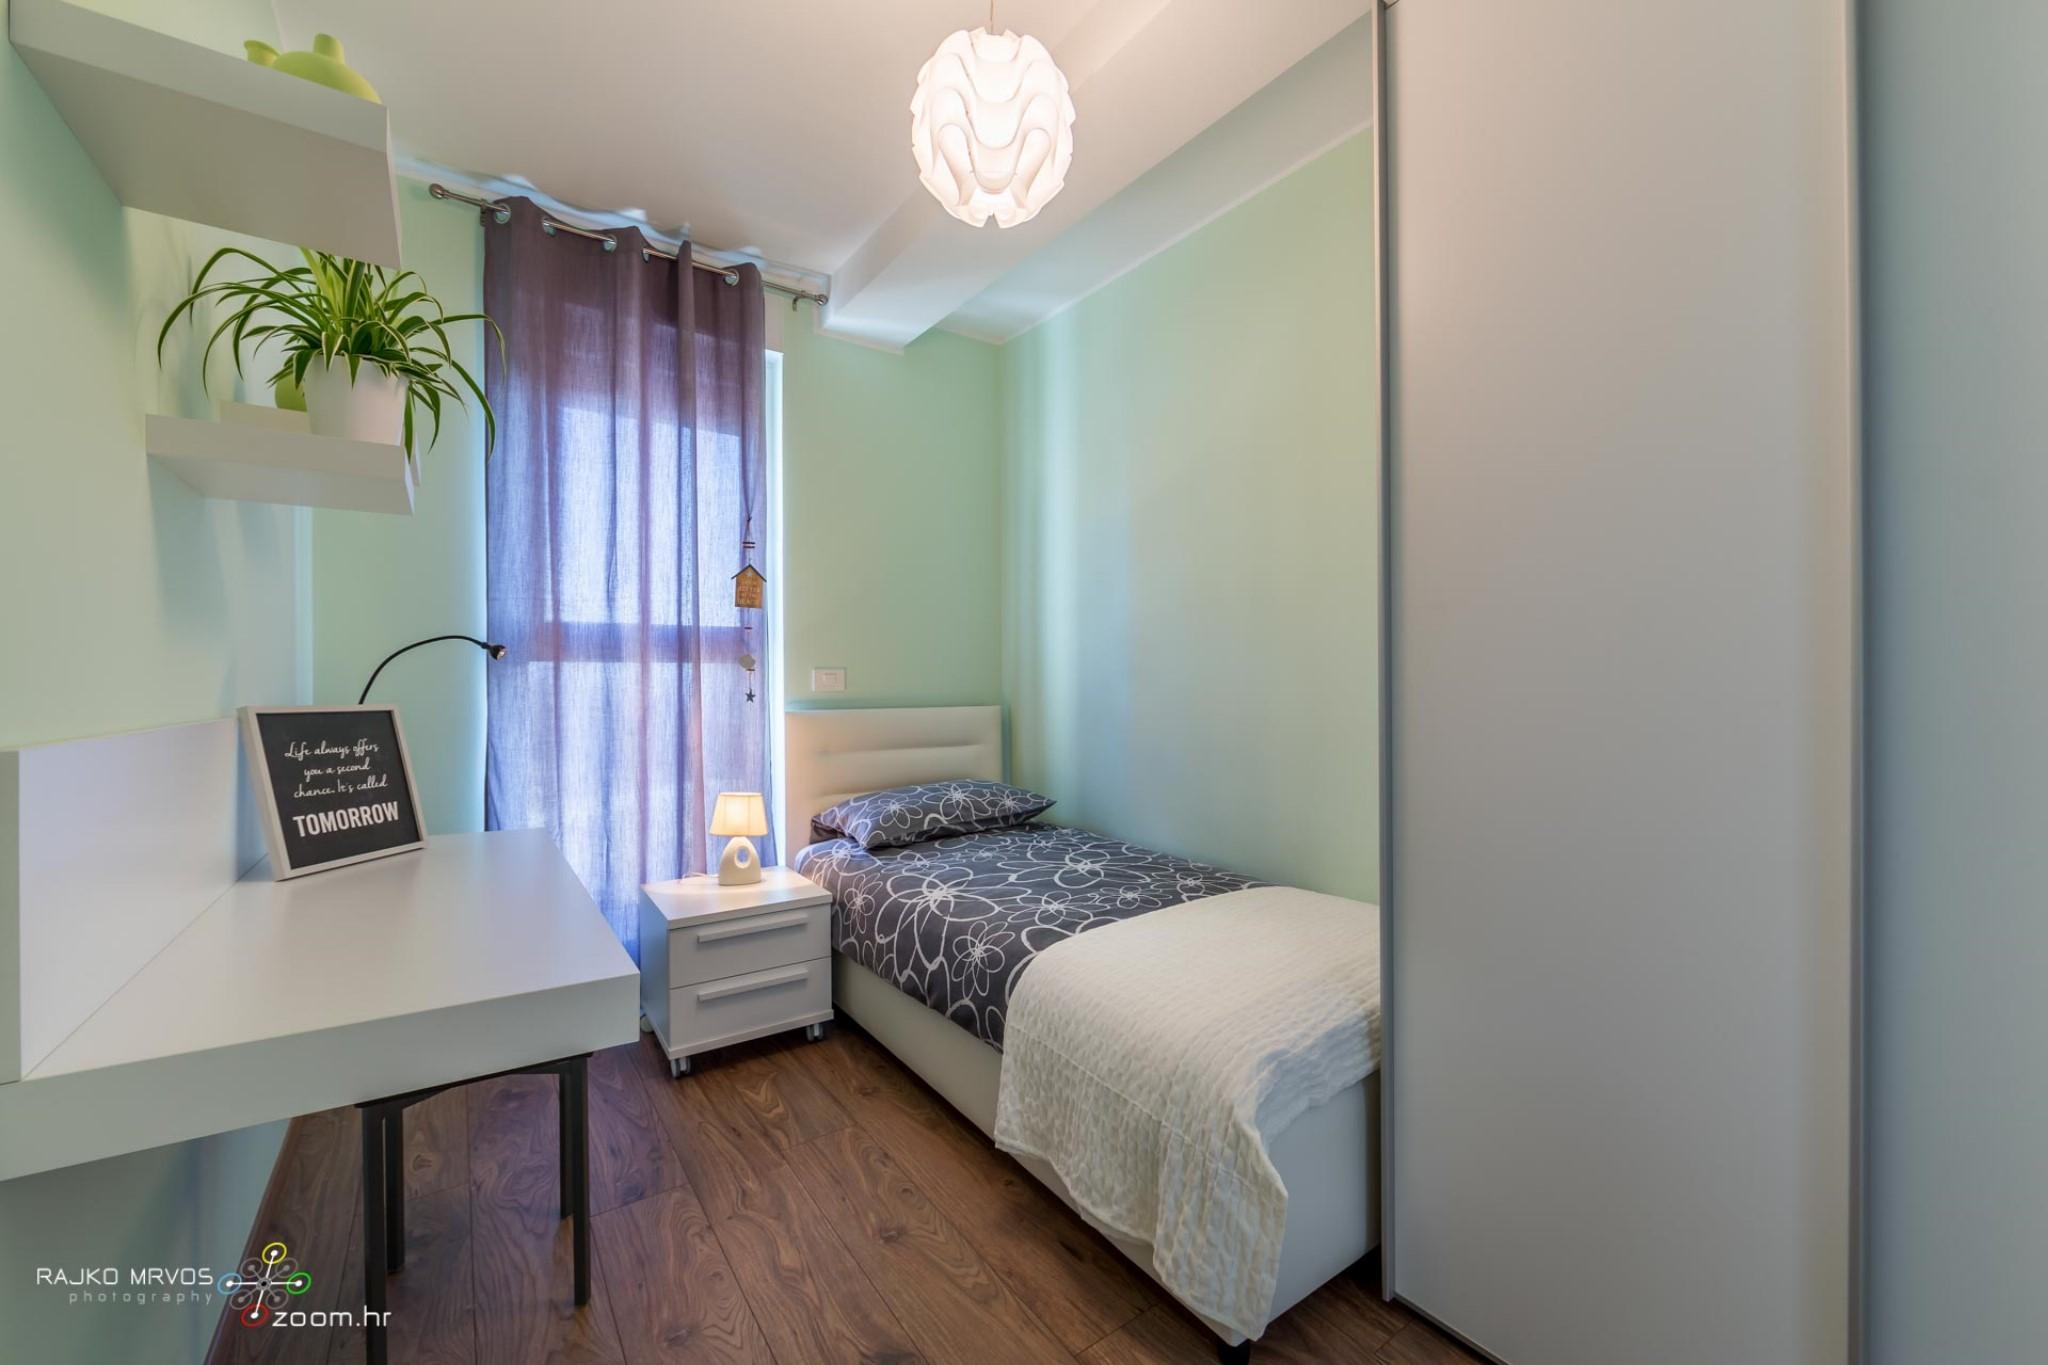 fotografiranje-interijera-fotograf-eksterijera-apartmana-vila-kuca-hotela-apartman-Pobri-Opatija-17